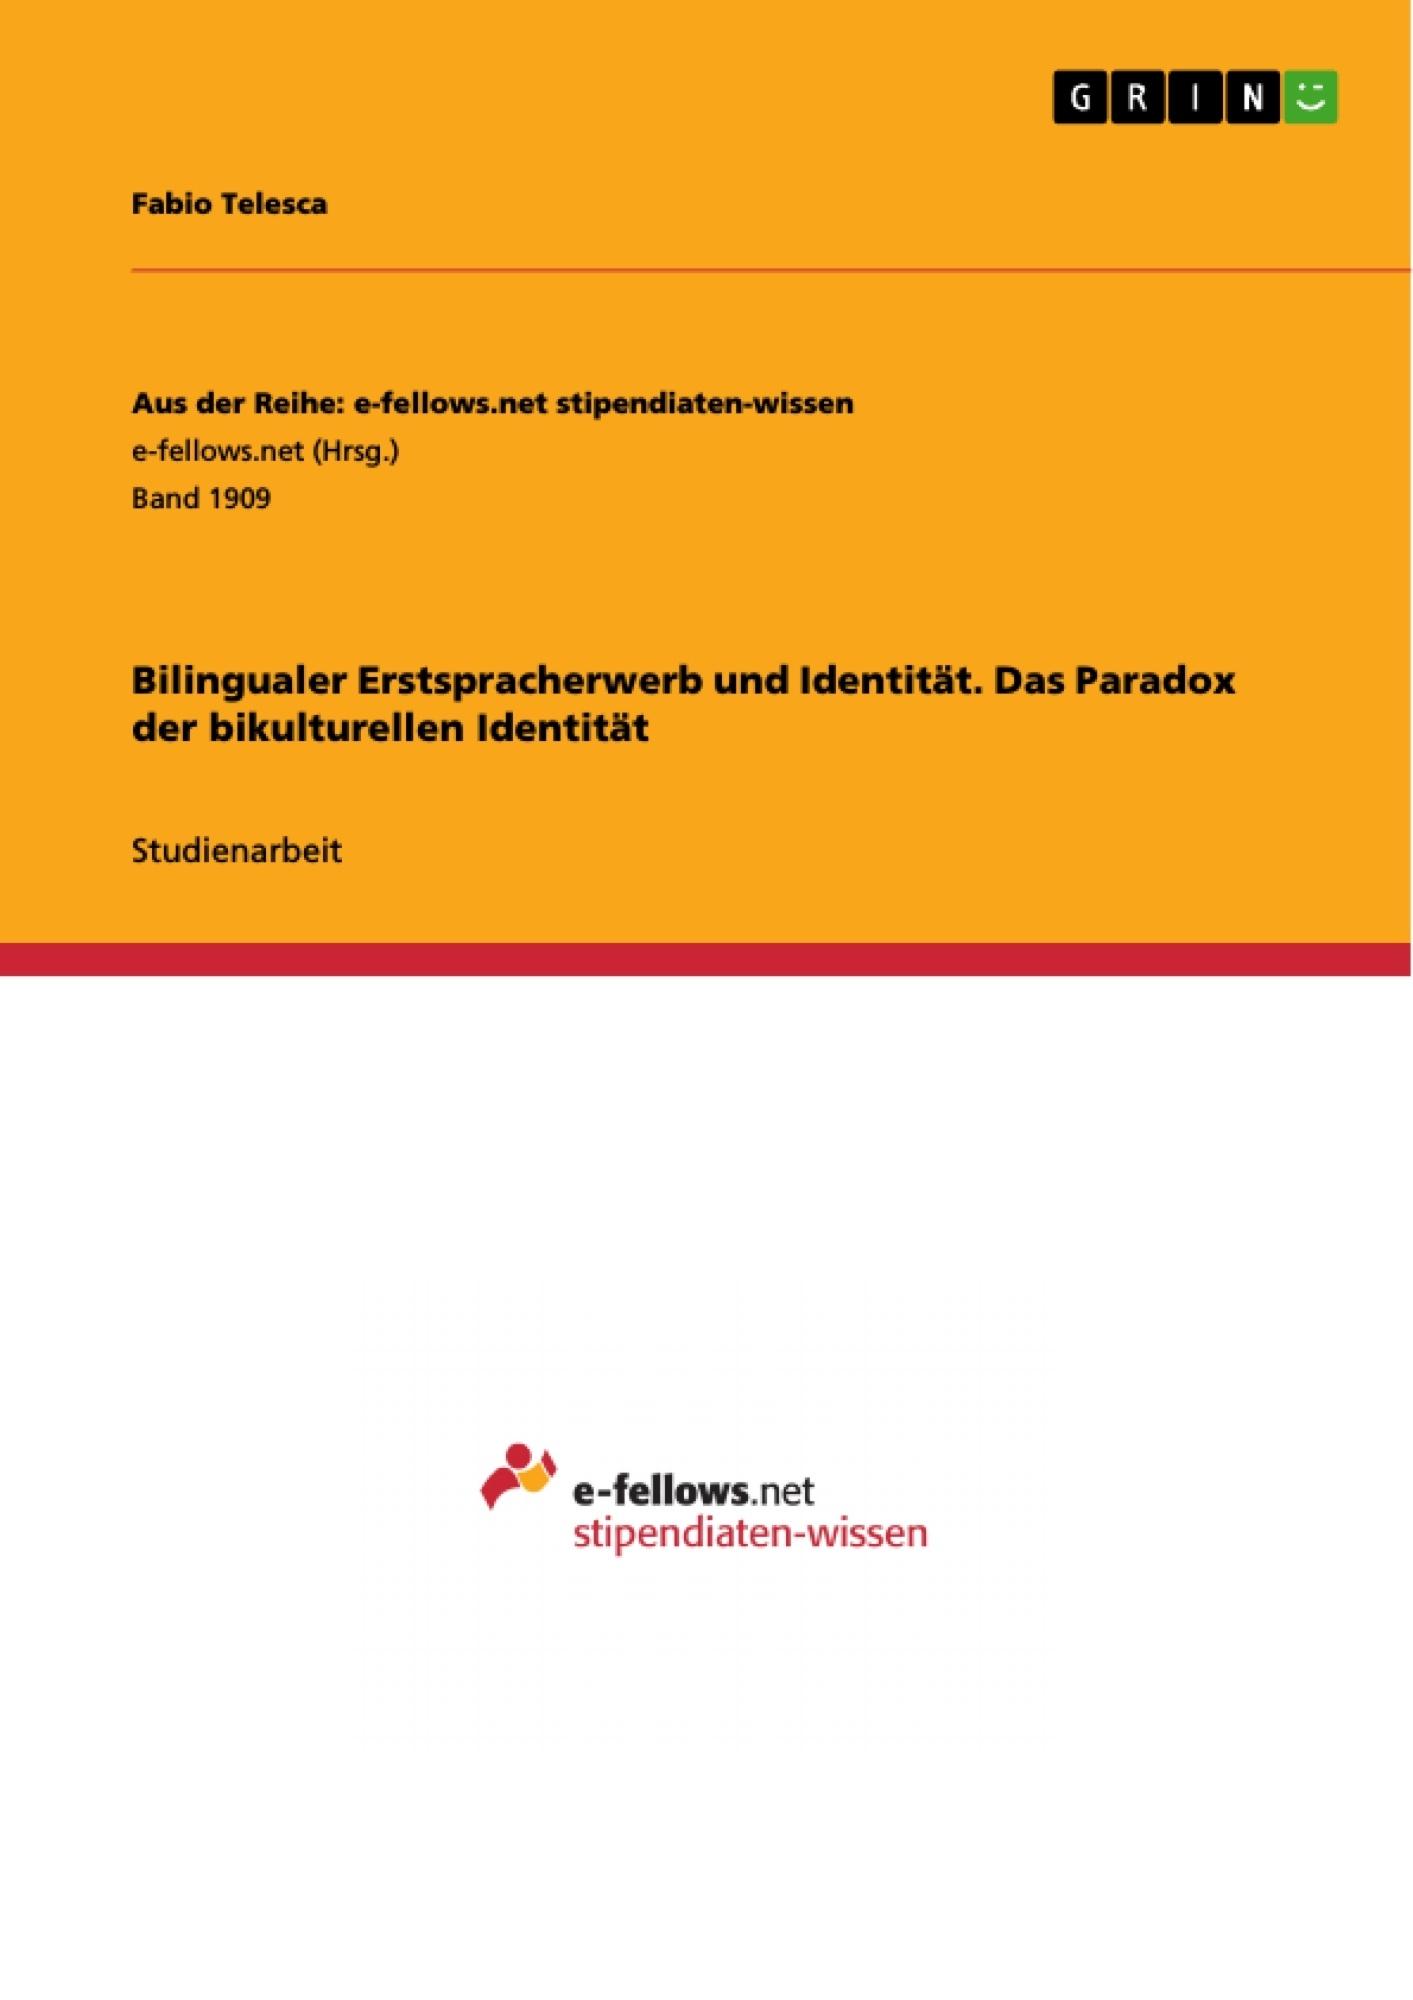 Titel: Bilingualer Erstspracherwerb und Identität. Das Paradox der bikulturellen Identität